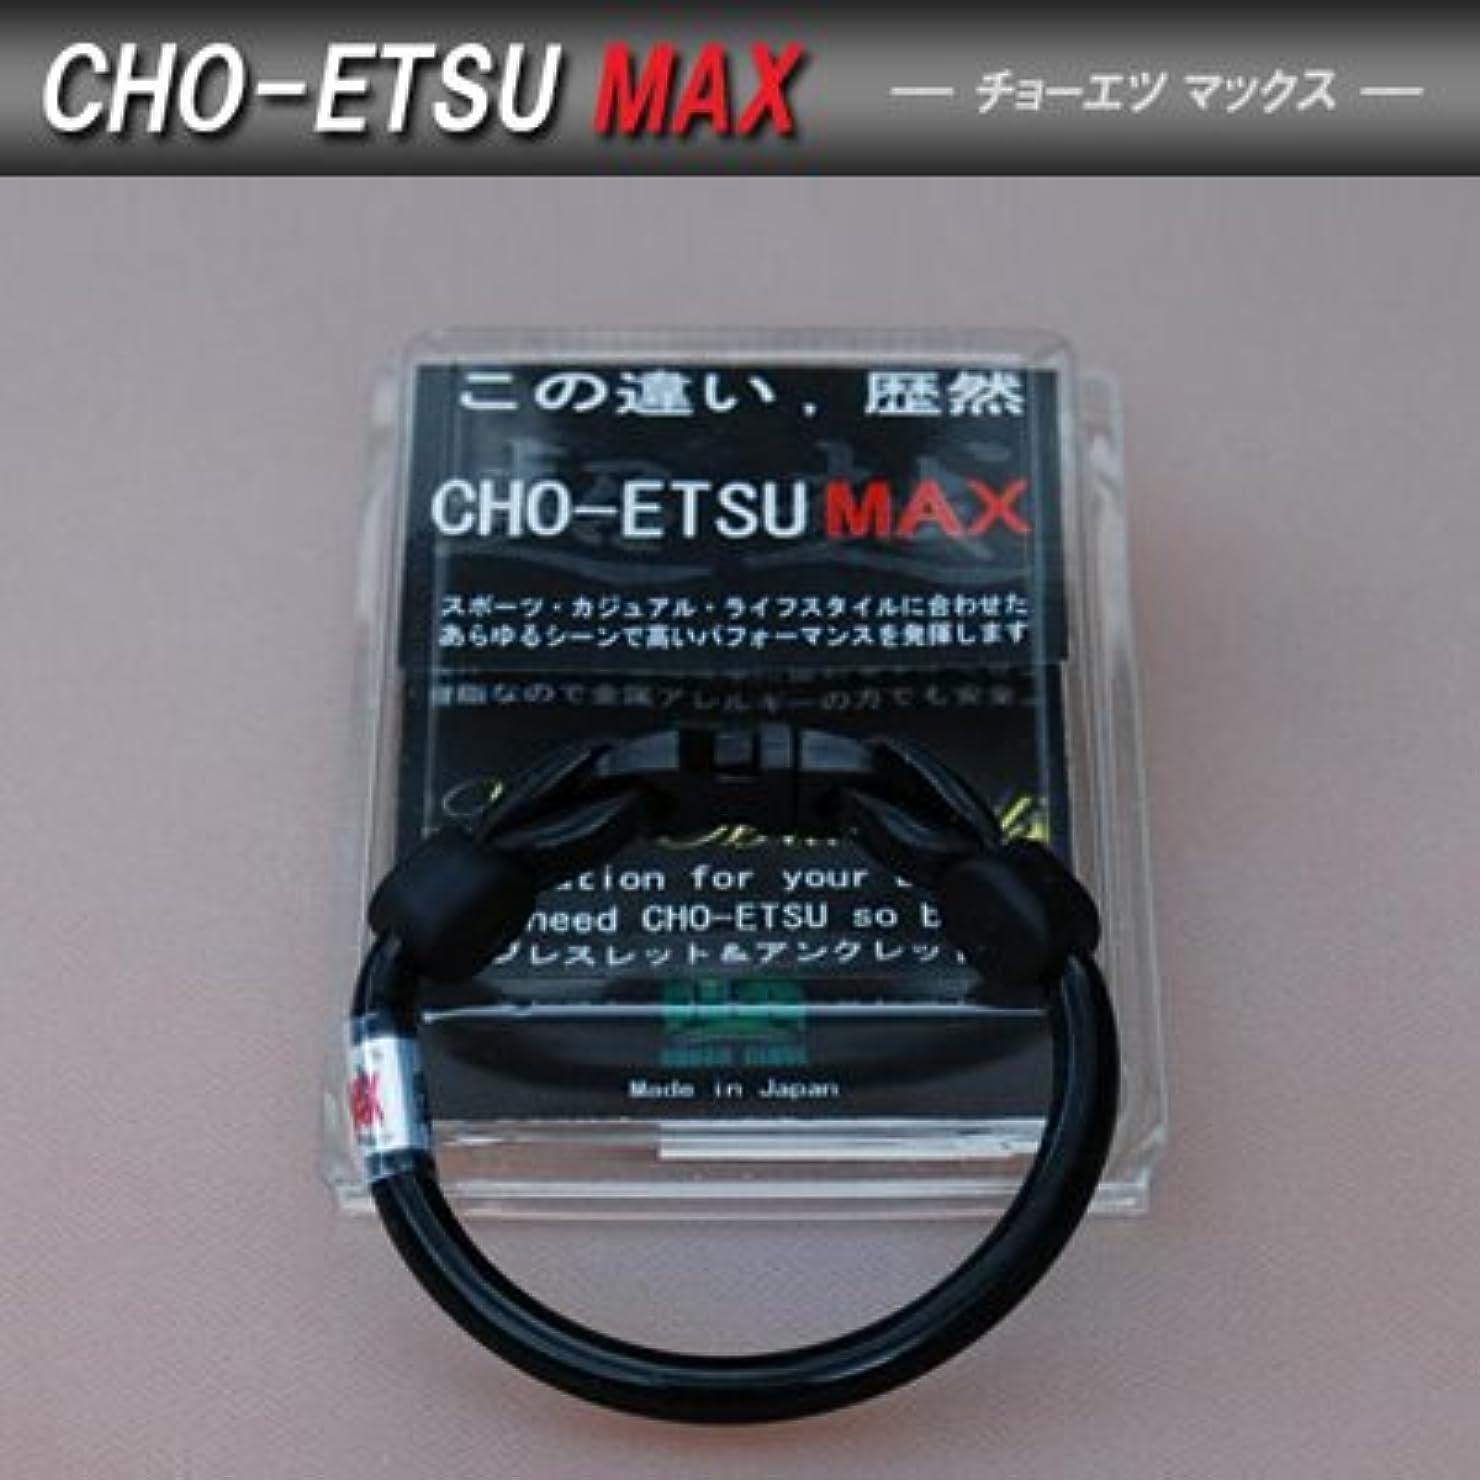 役立つ幽霊反射【セルクルX搭載の健康アクセサリー】【新型】超越MAX CHO-ETSU MAX(チョーエツマックス)  ブレスレット&アンクレットSSサイズ ブラック